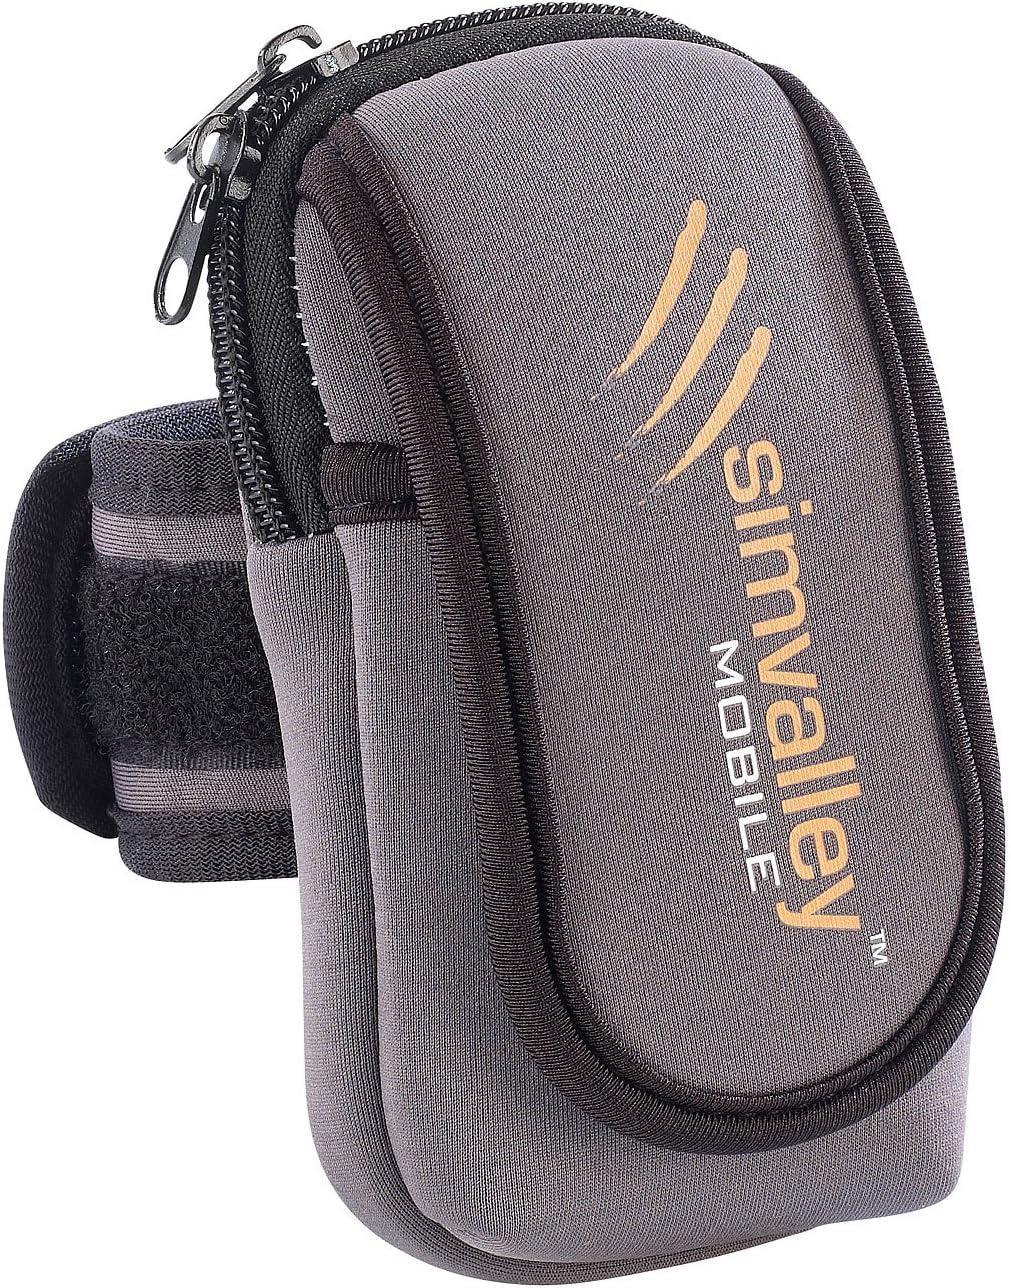 Simvalley - Funda de neopreno universal para móviles y smartphones ...